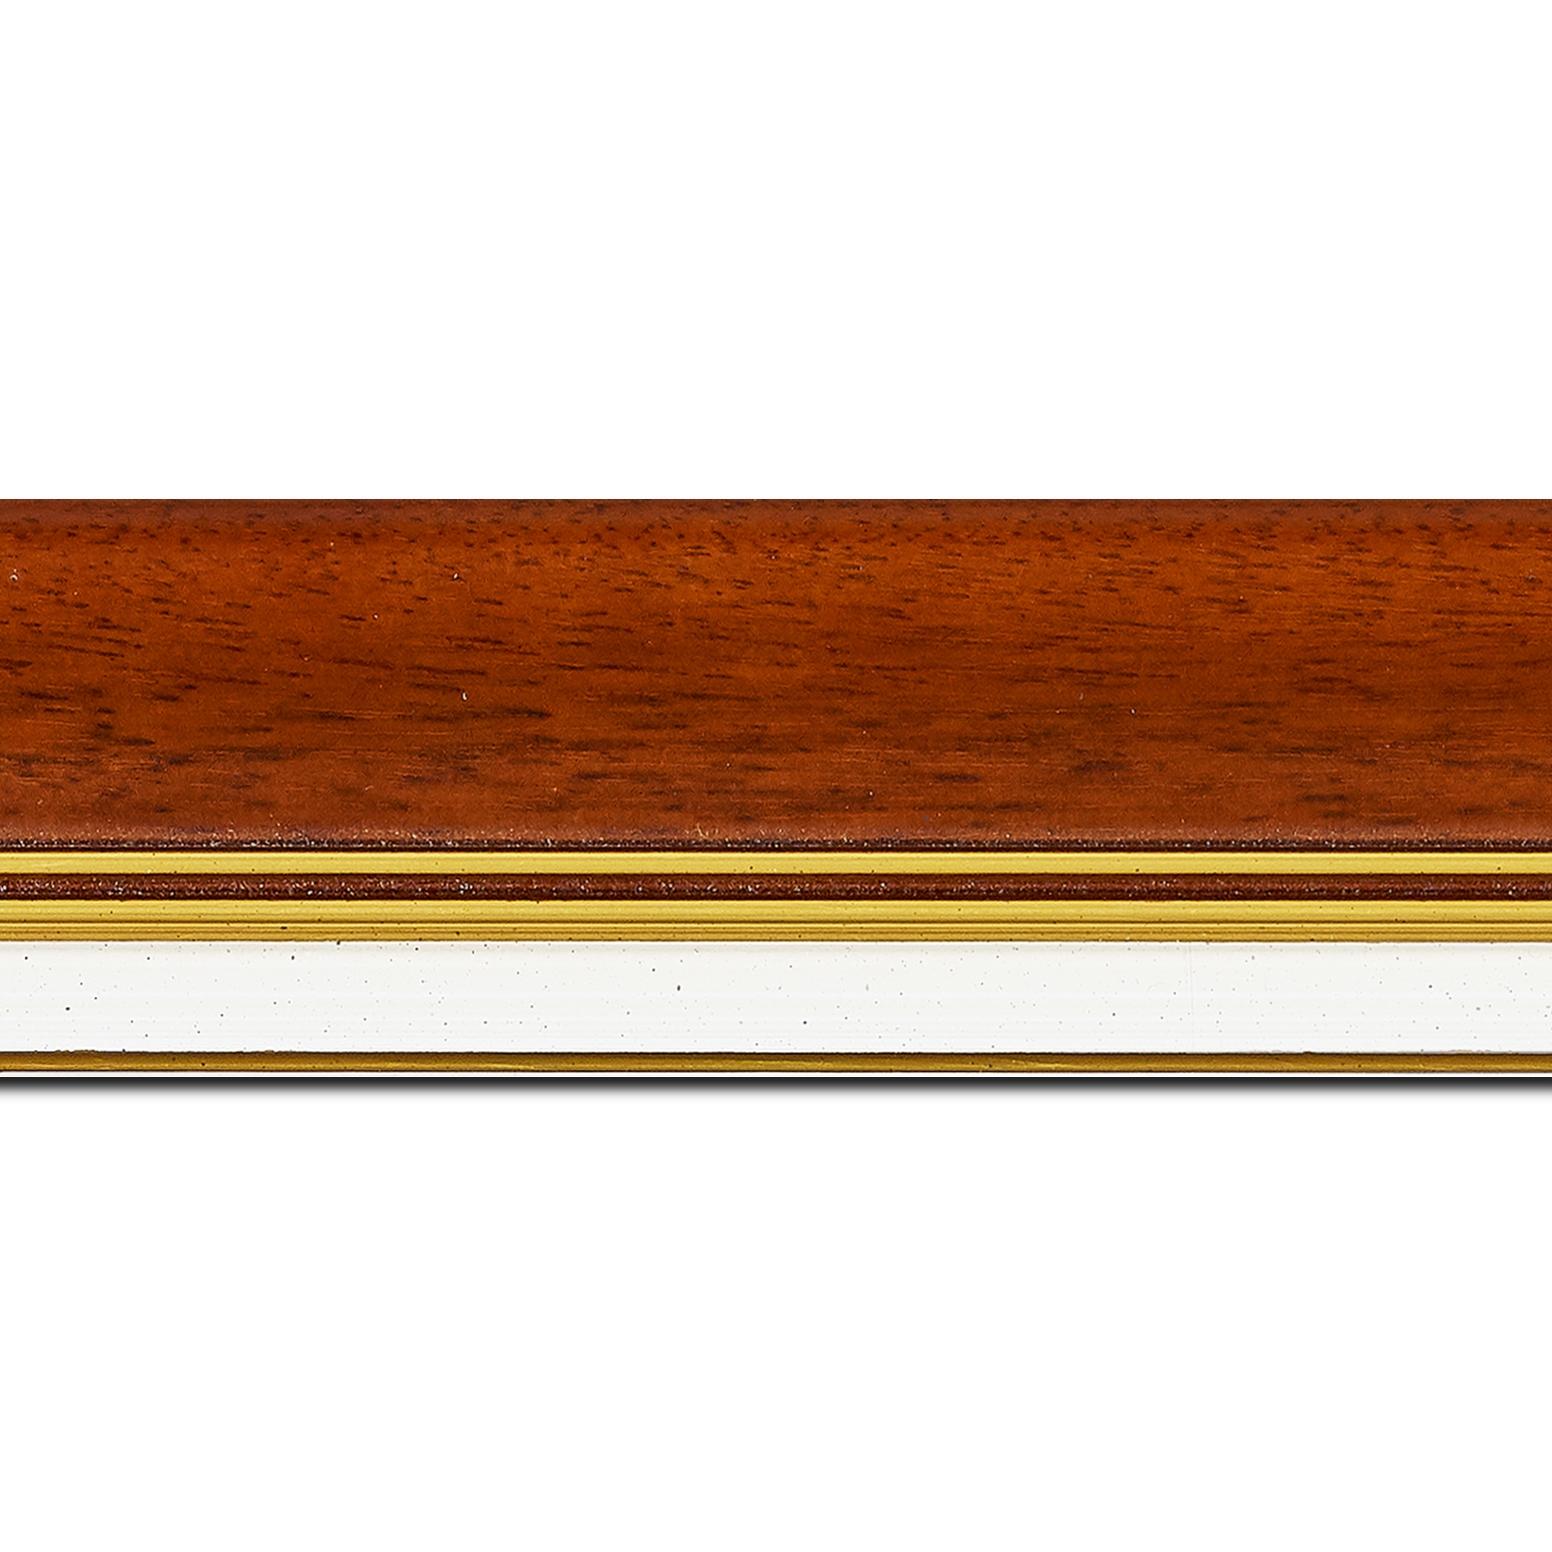 Baguette longueur 1.40m bois profil incurvé largeur 5.7cm de couleur marron ton bois marie louise blanche mouchetée filet or intégré